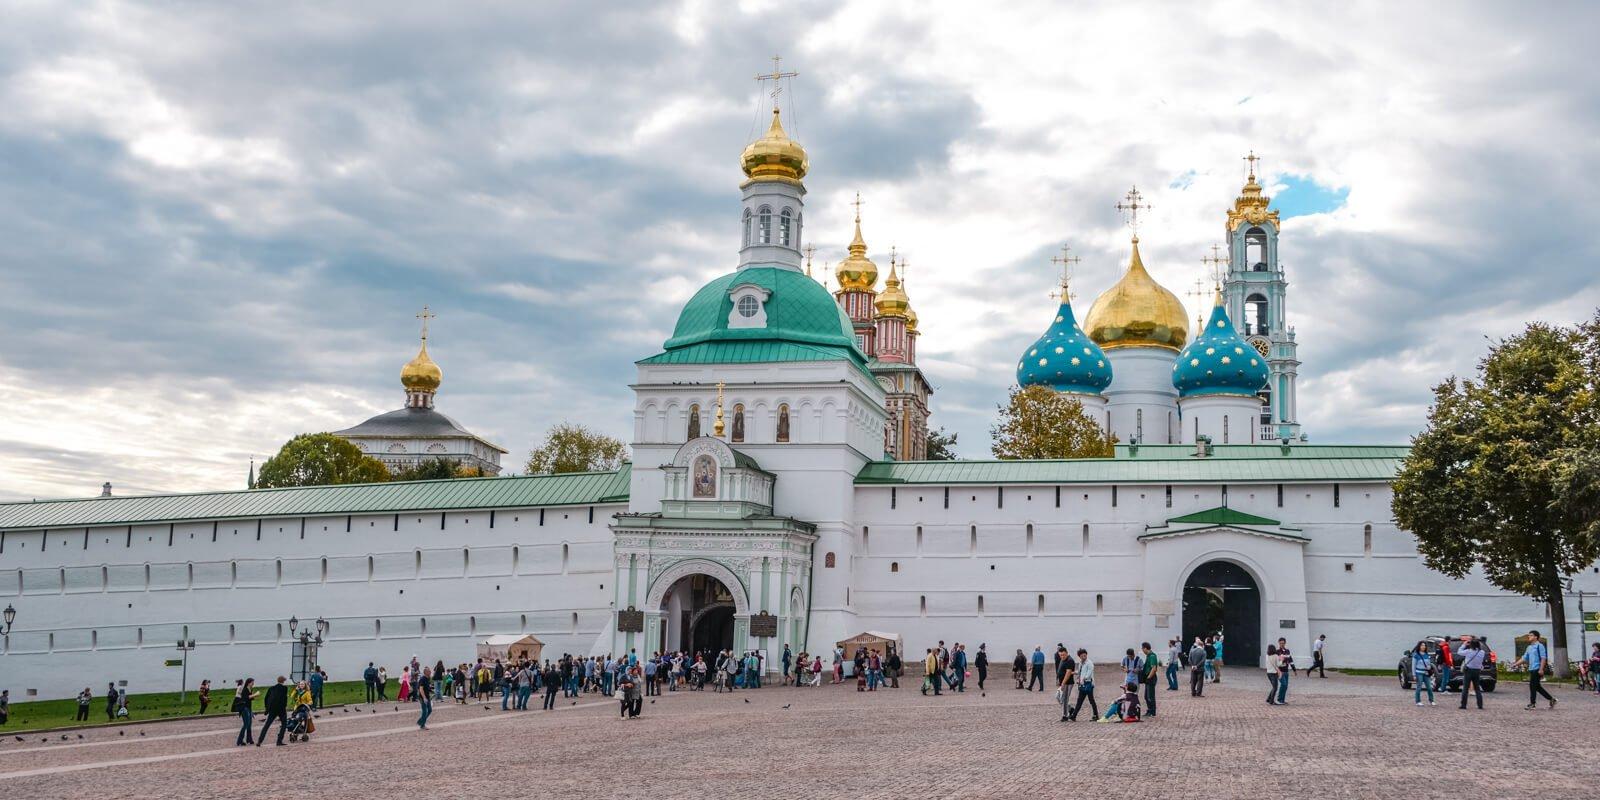 Квест-экскурсия «По святым местам: Троице-Сергиева Лавра»